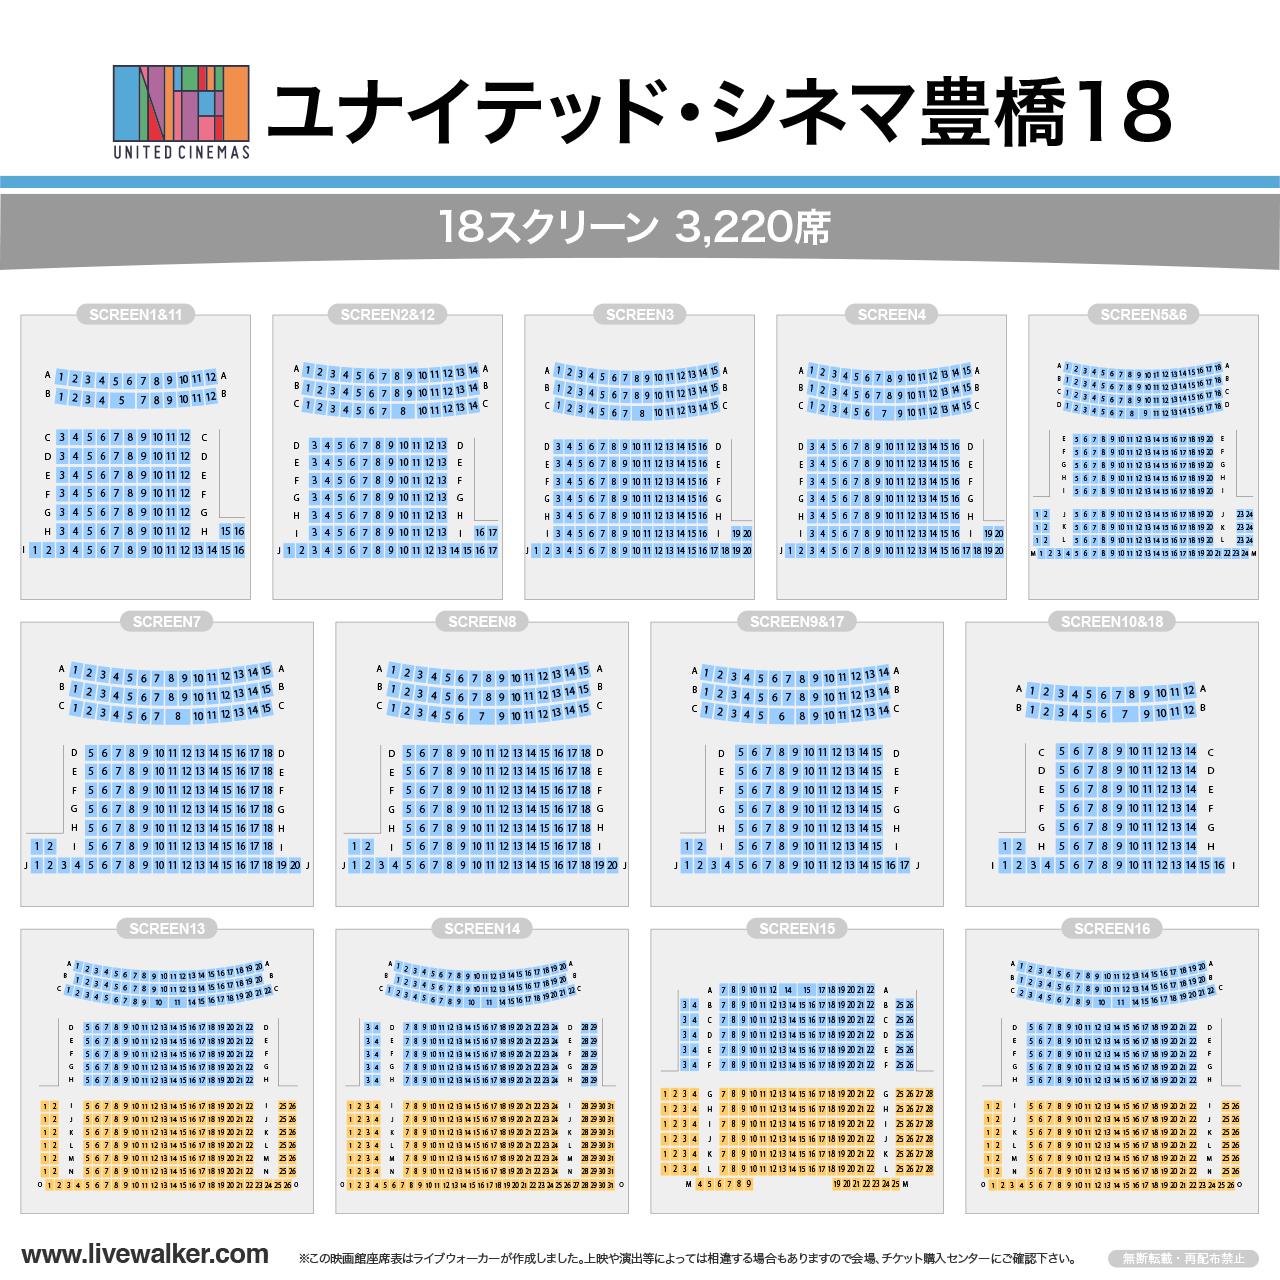 ユナイテッド シネマ豊橋18 愛知県 豊橋市 Livewalker Com 2020 映画館 シネマ 愛知